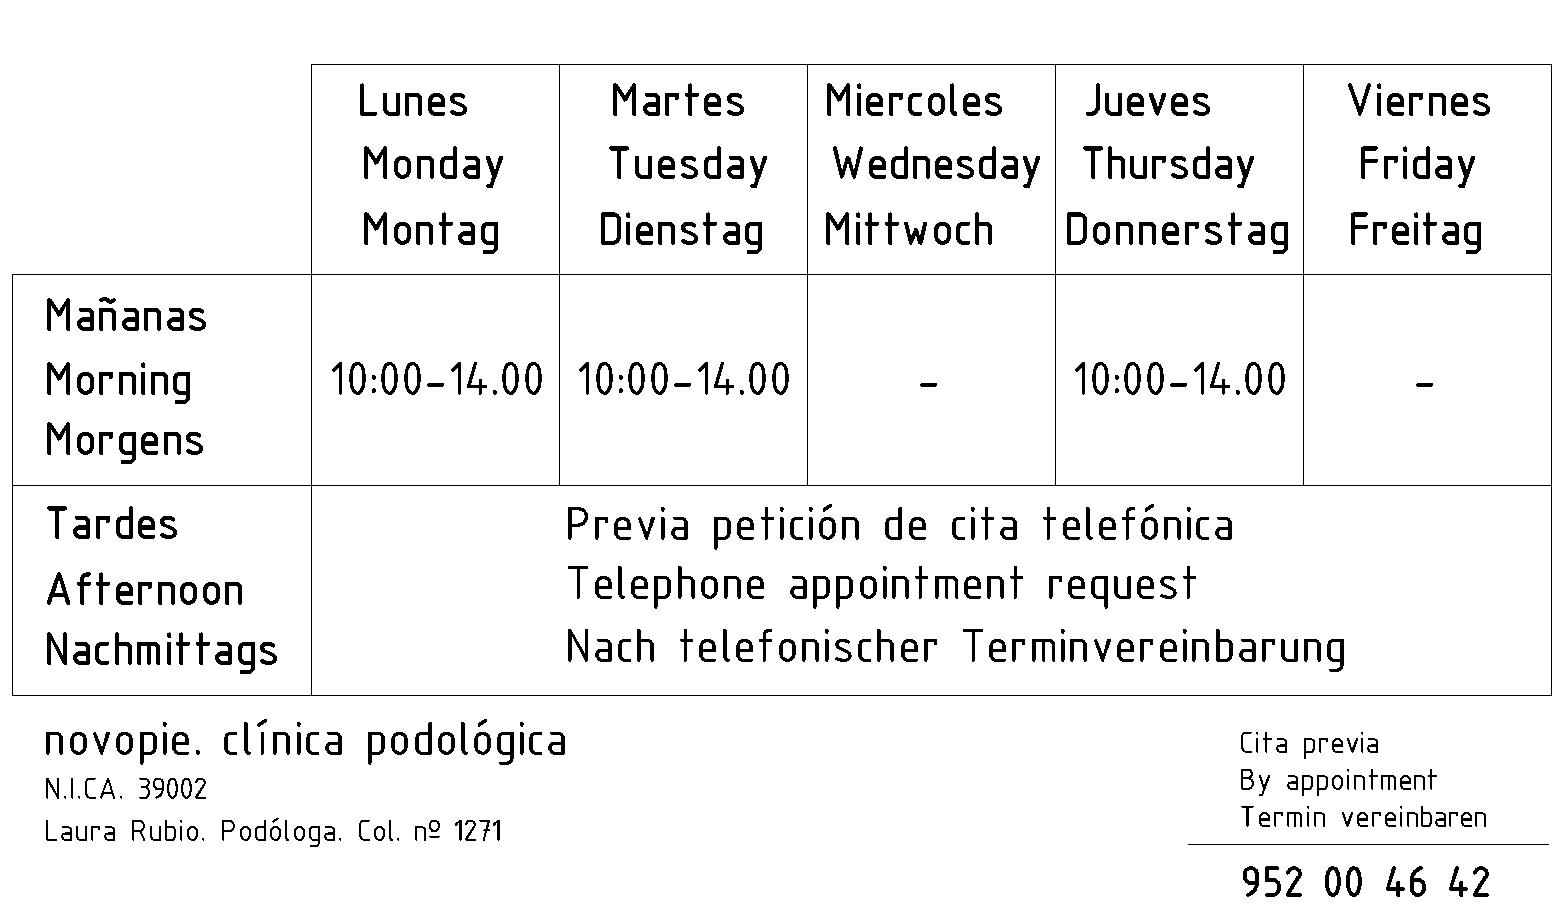 novopie clinica podologica horario de consulta torrox malaga